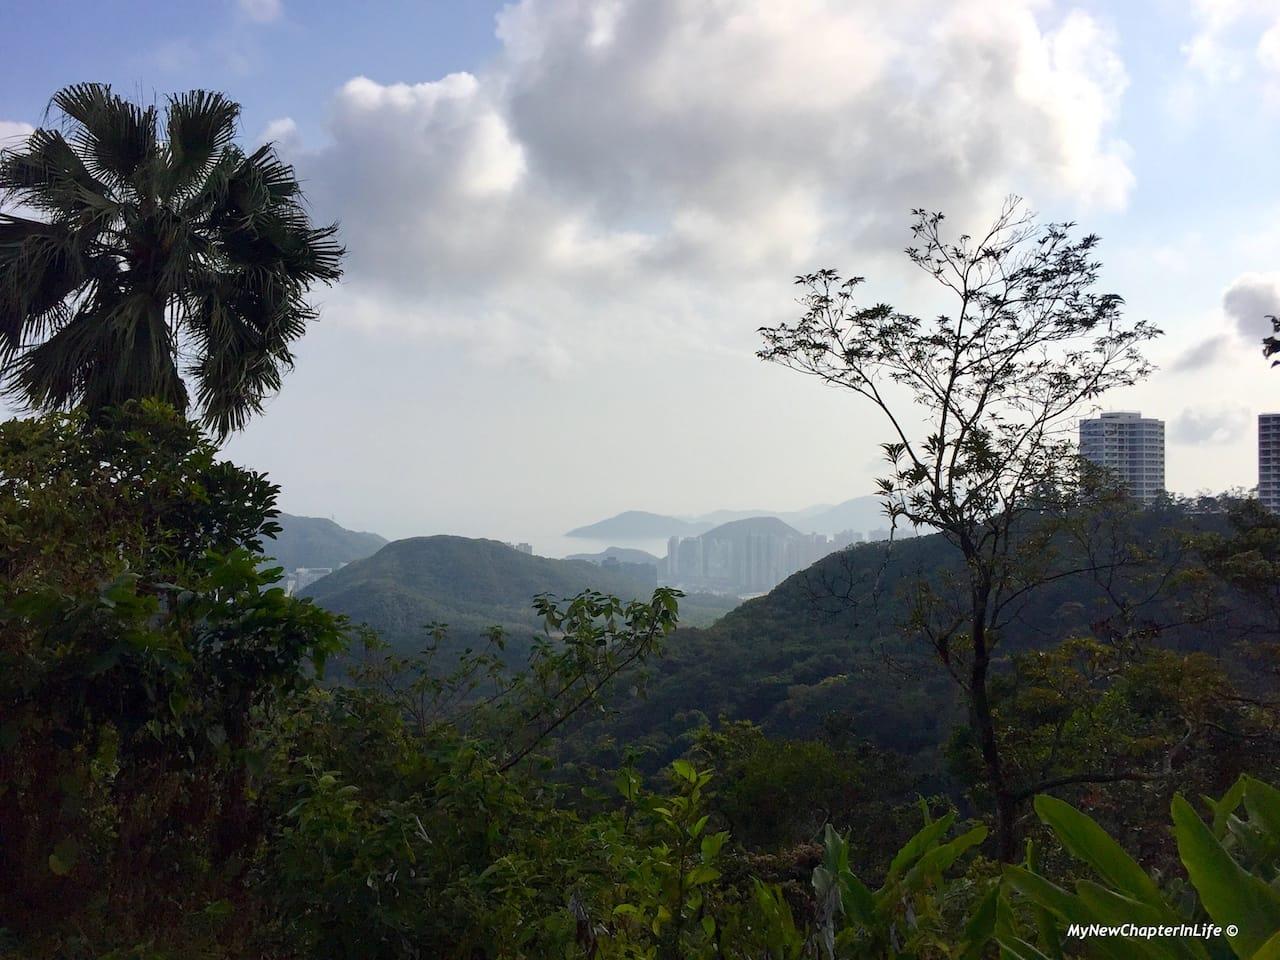 從甘道遠眺港島南區  View of the southern Hong Kong Island from Coombe Road